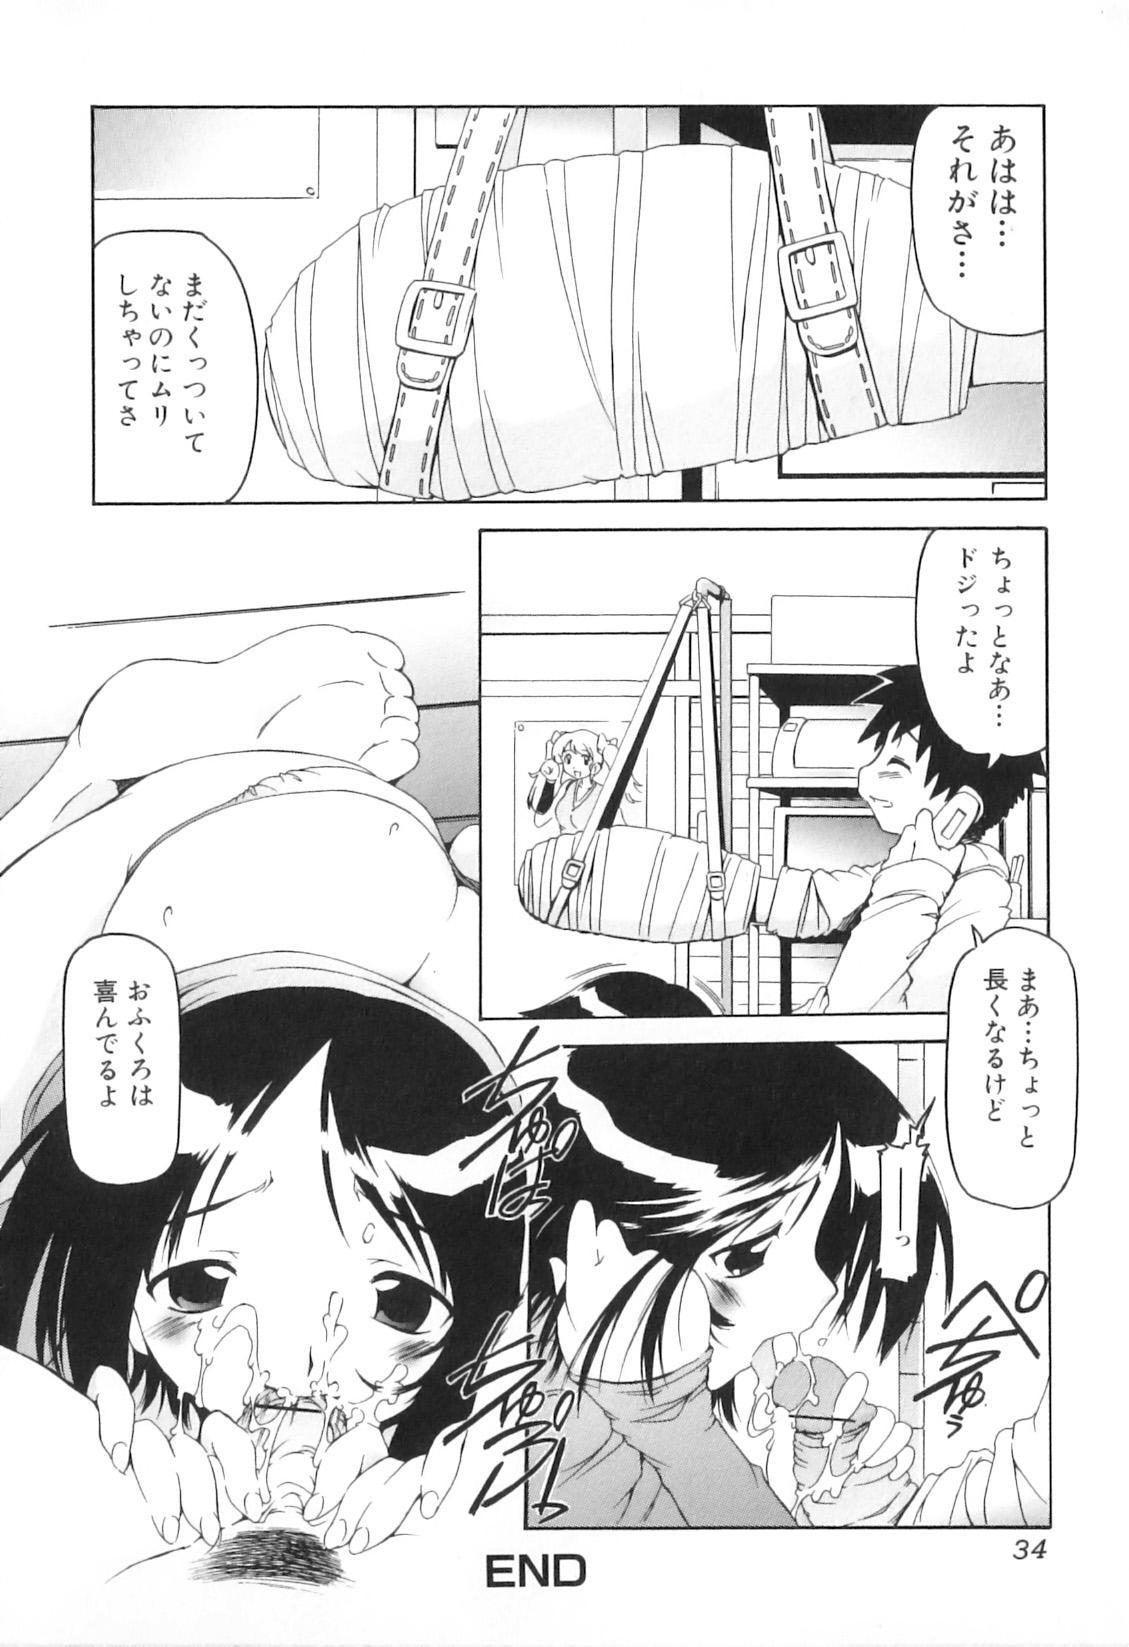 Yokujou Boshi - Desire Mother and Child 35